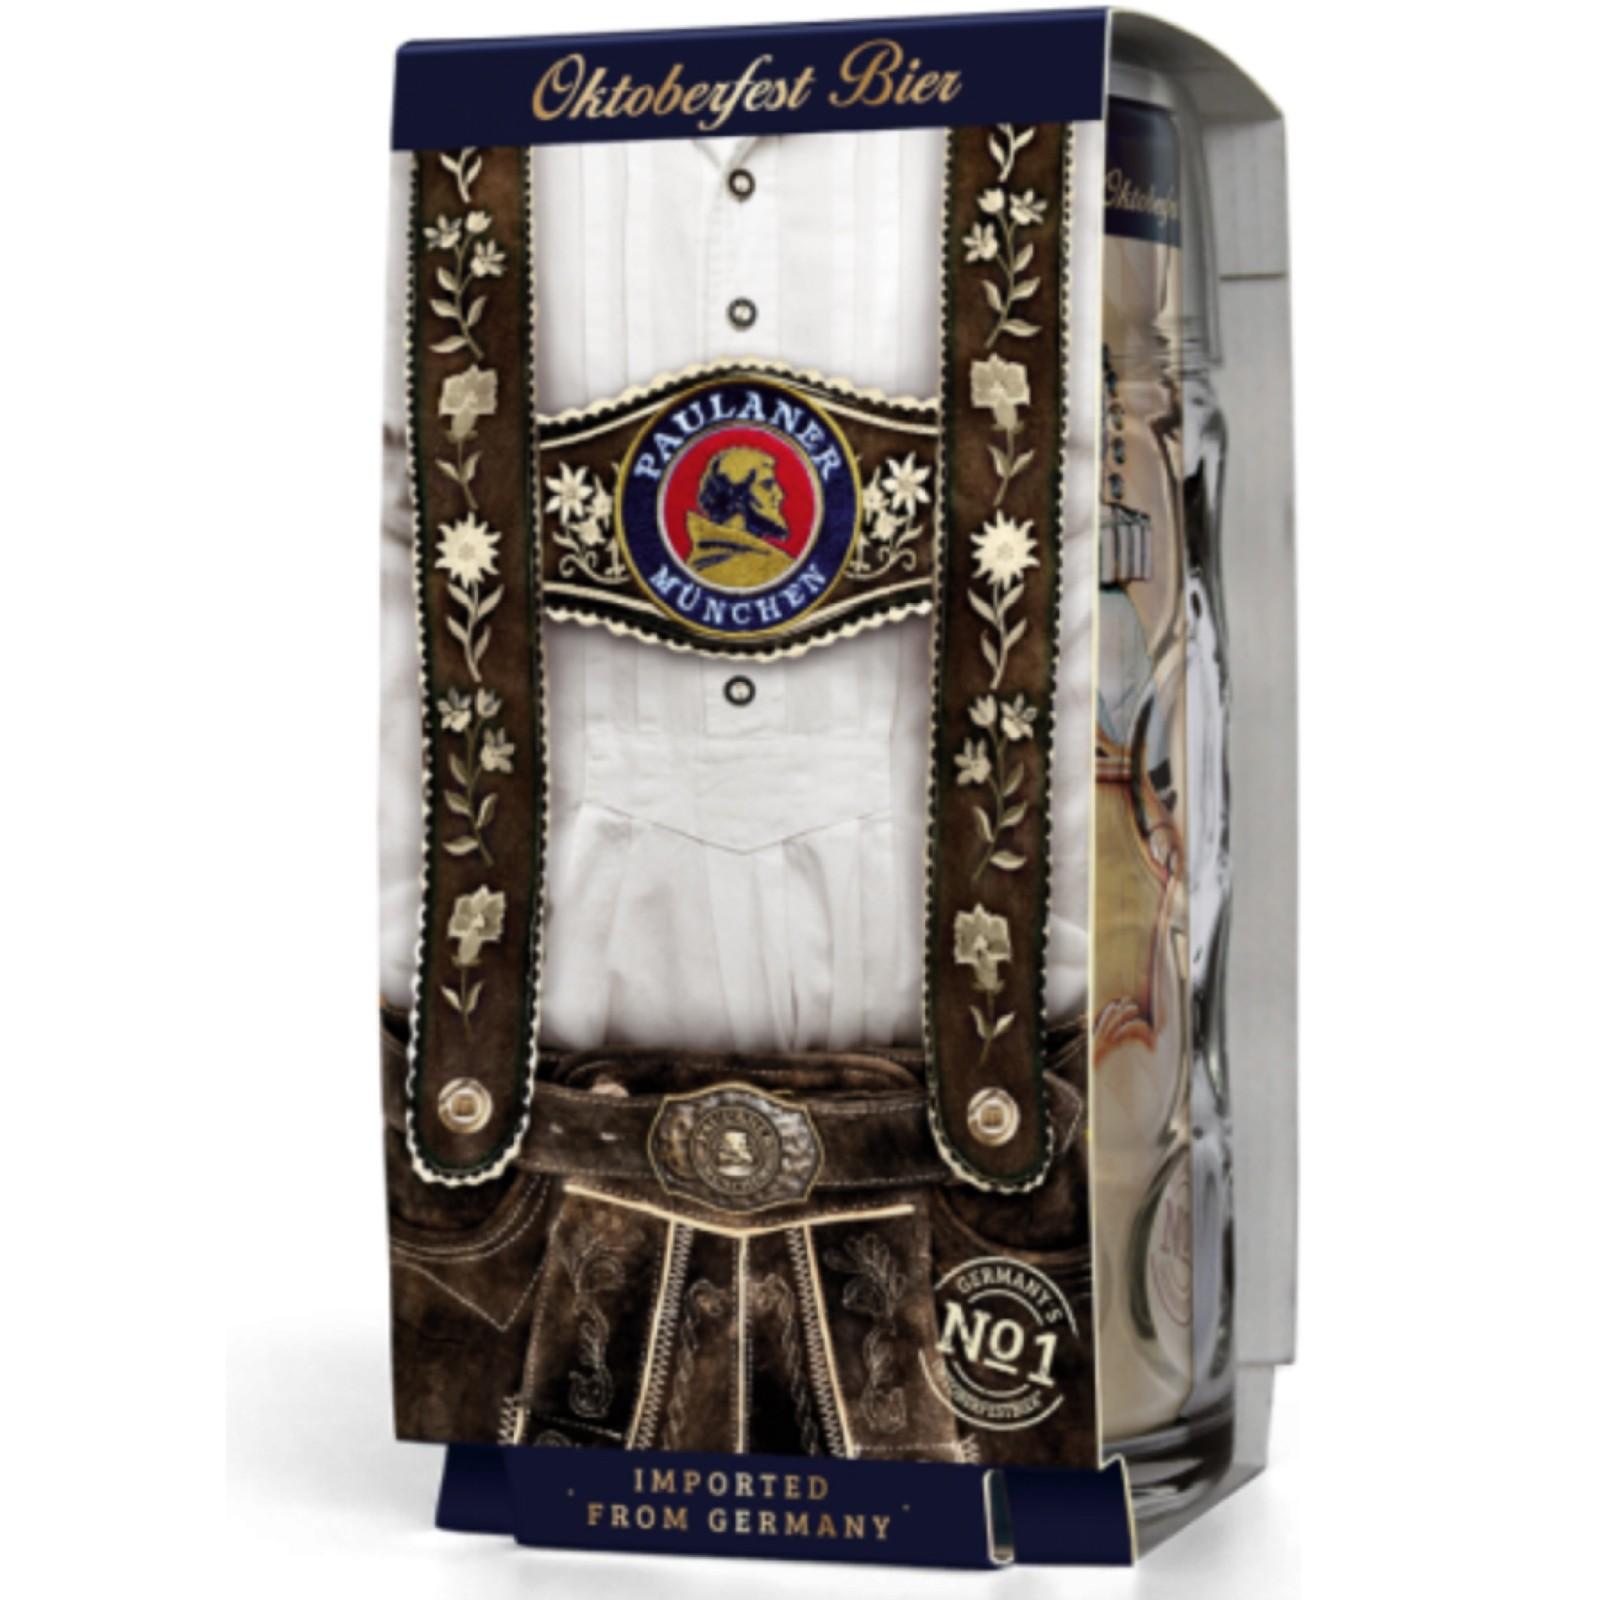 Paulaner Oktoberfest Bier 1 Litre Can & Glass Stein